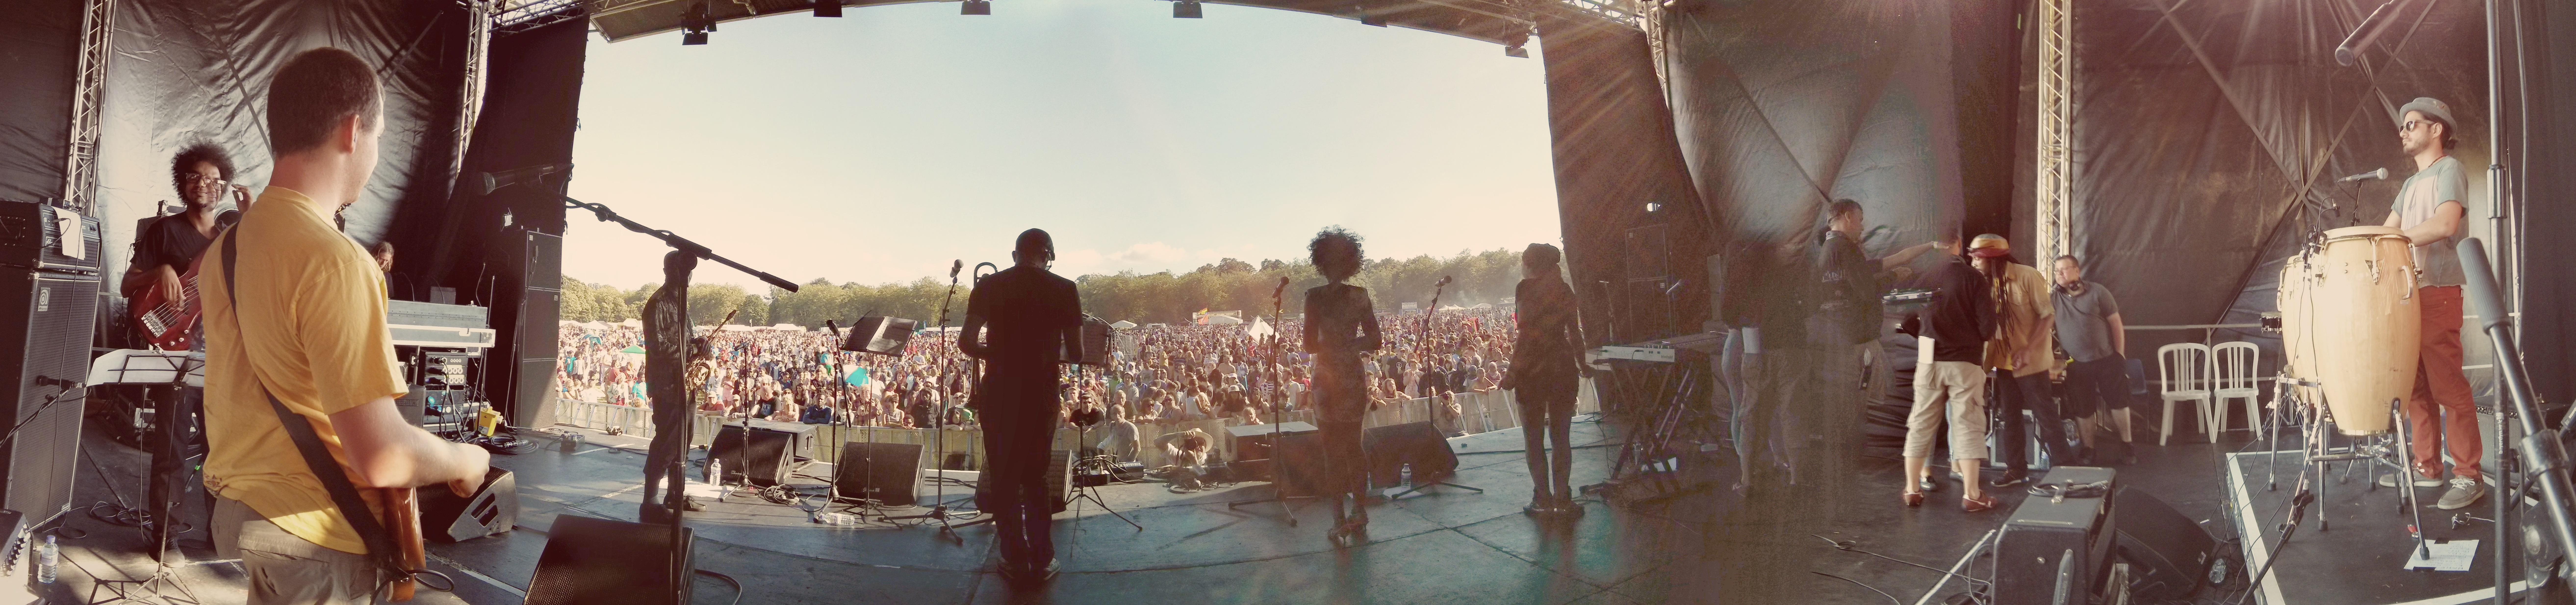 Festival UK